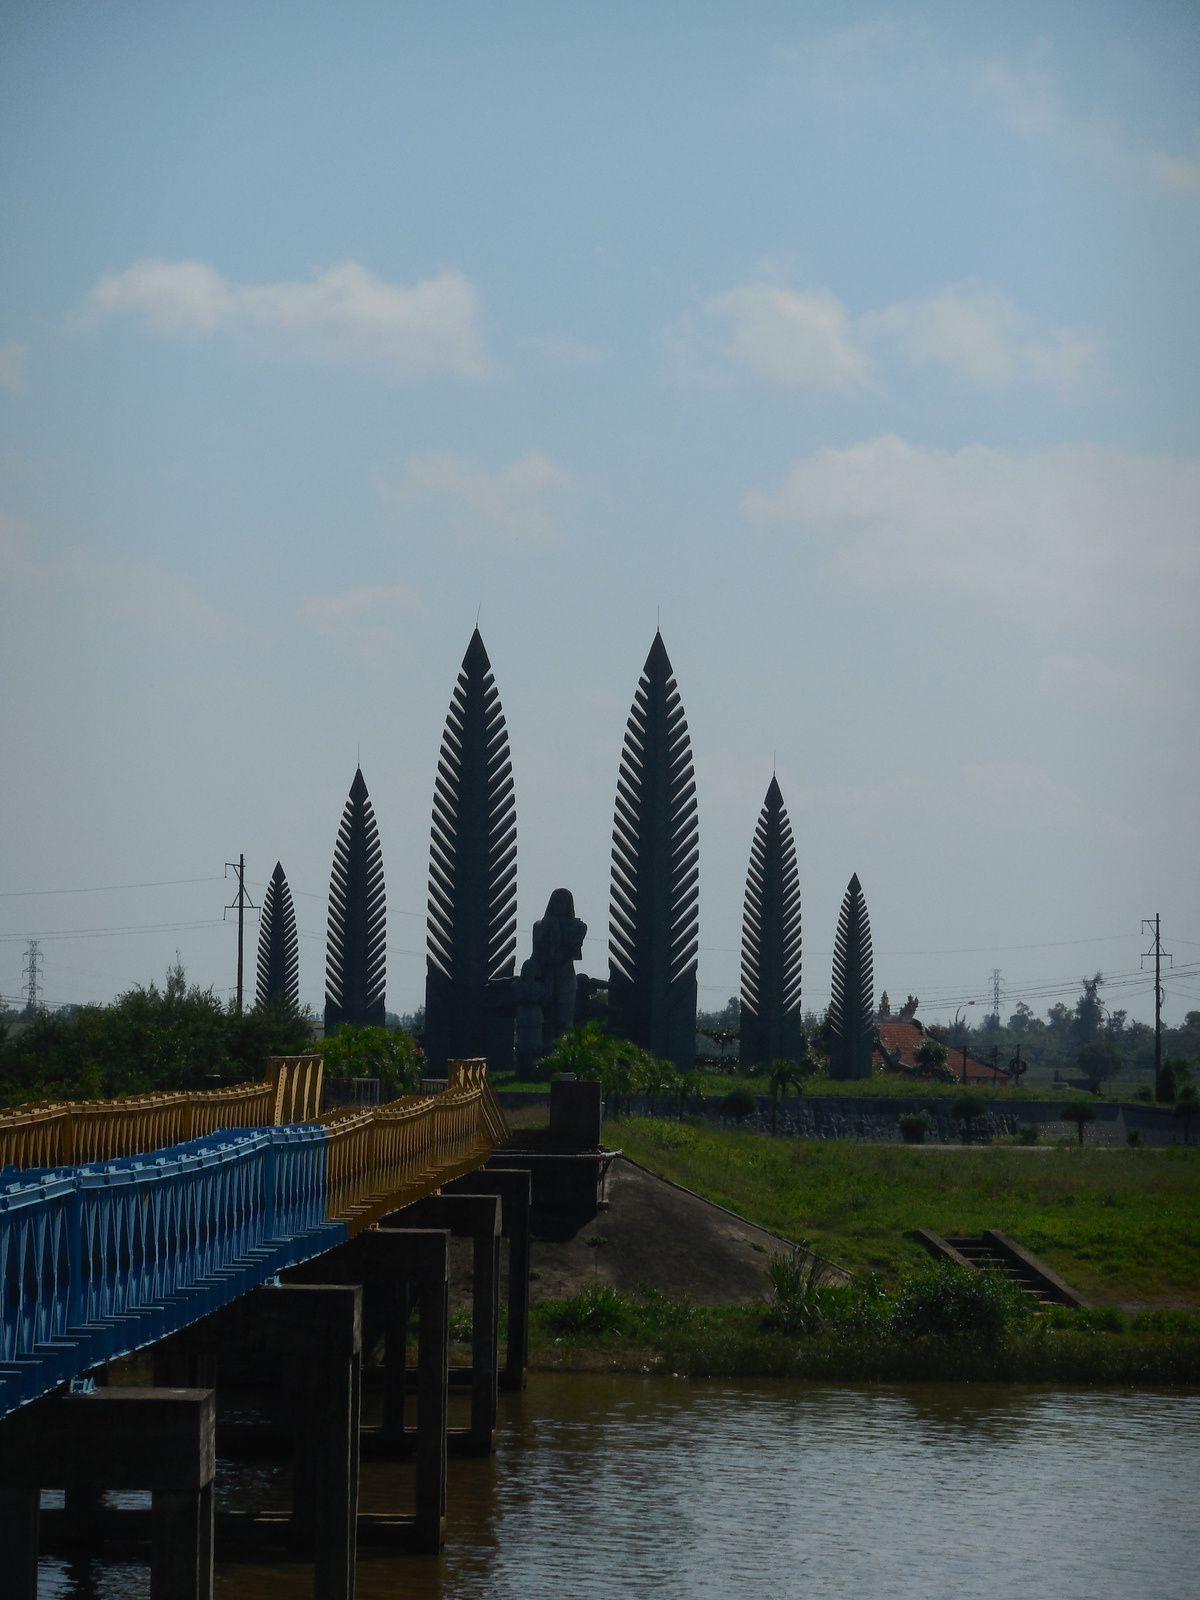 Sur la rive sud, est érigé ce monument. Ces feuilles de palmier stylisées rappellent étrangement la forme des missiles...